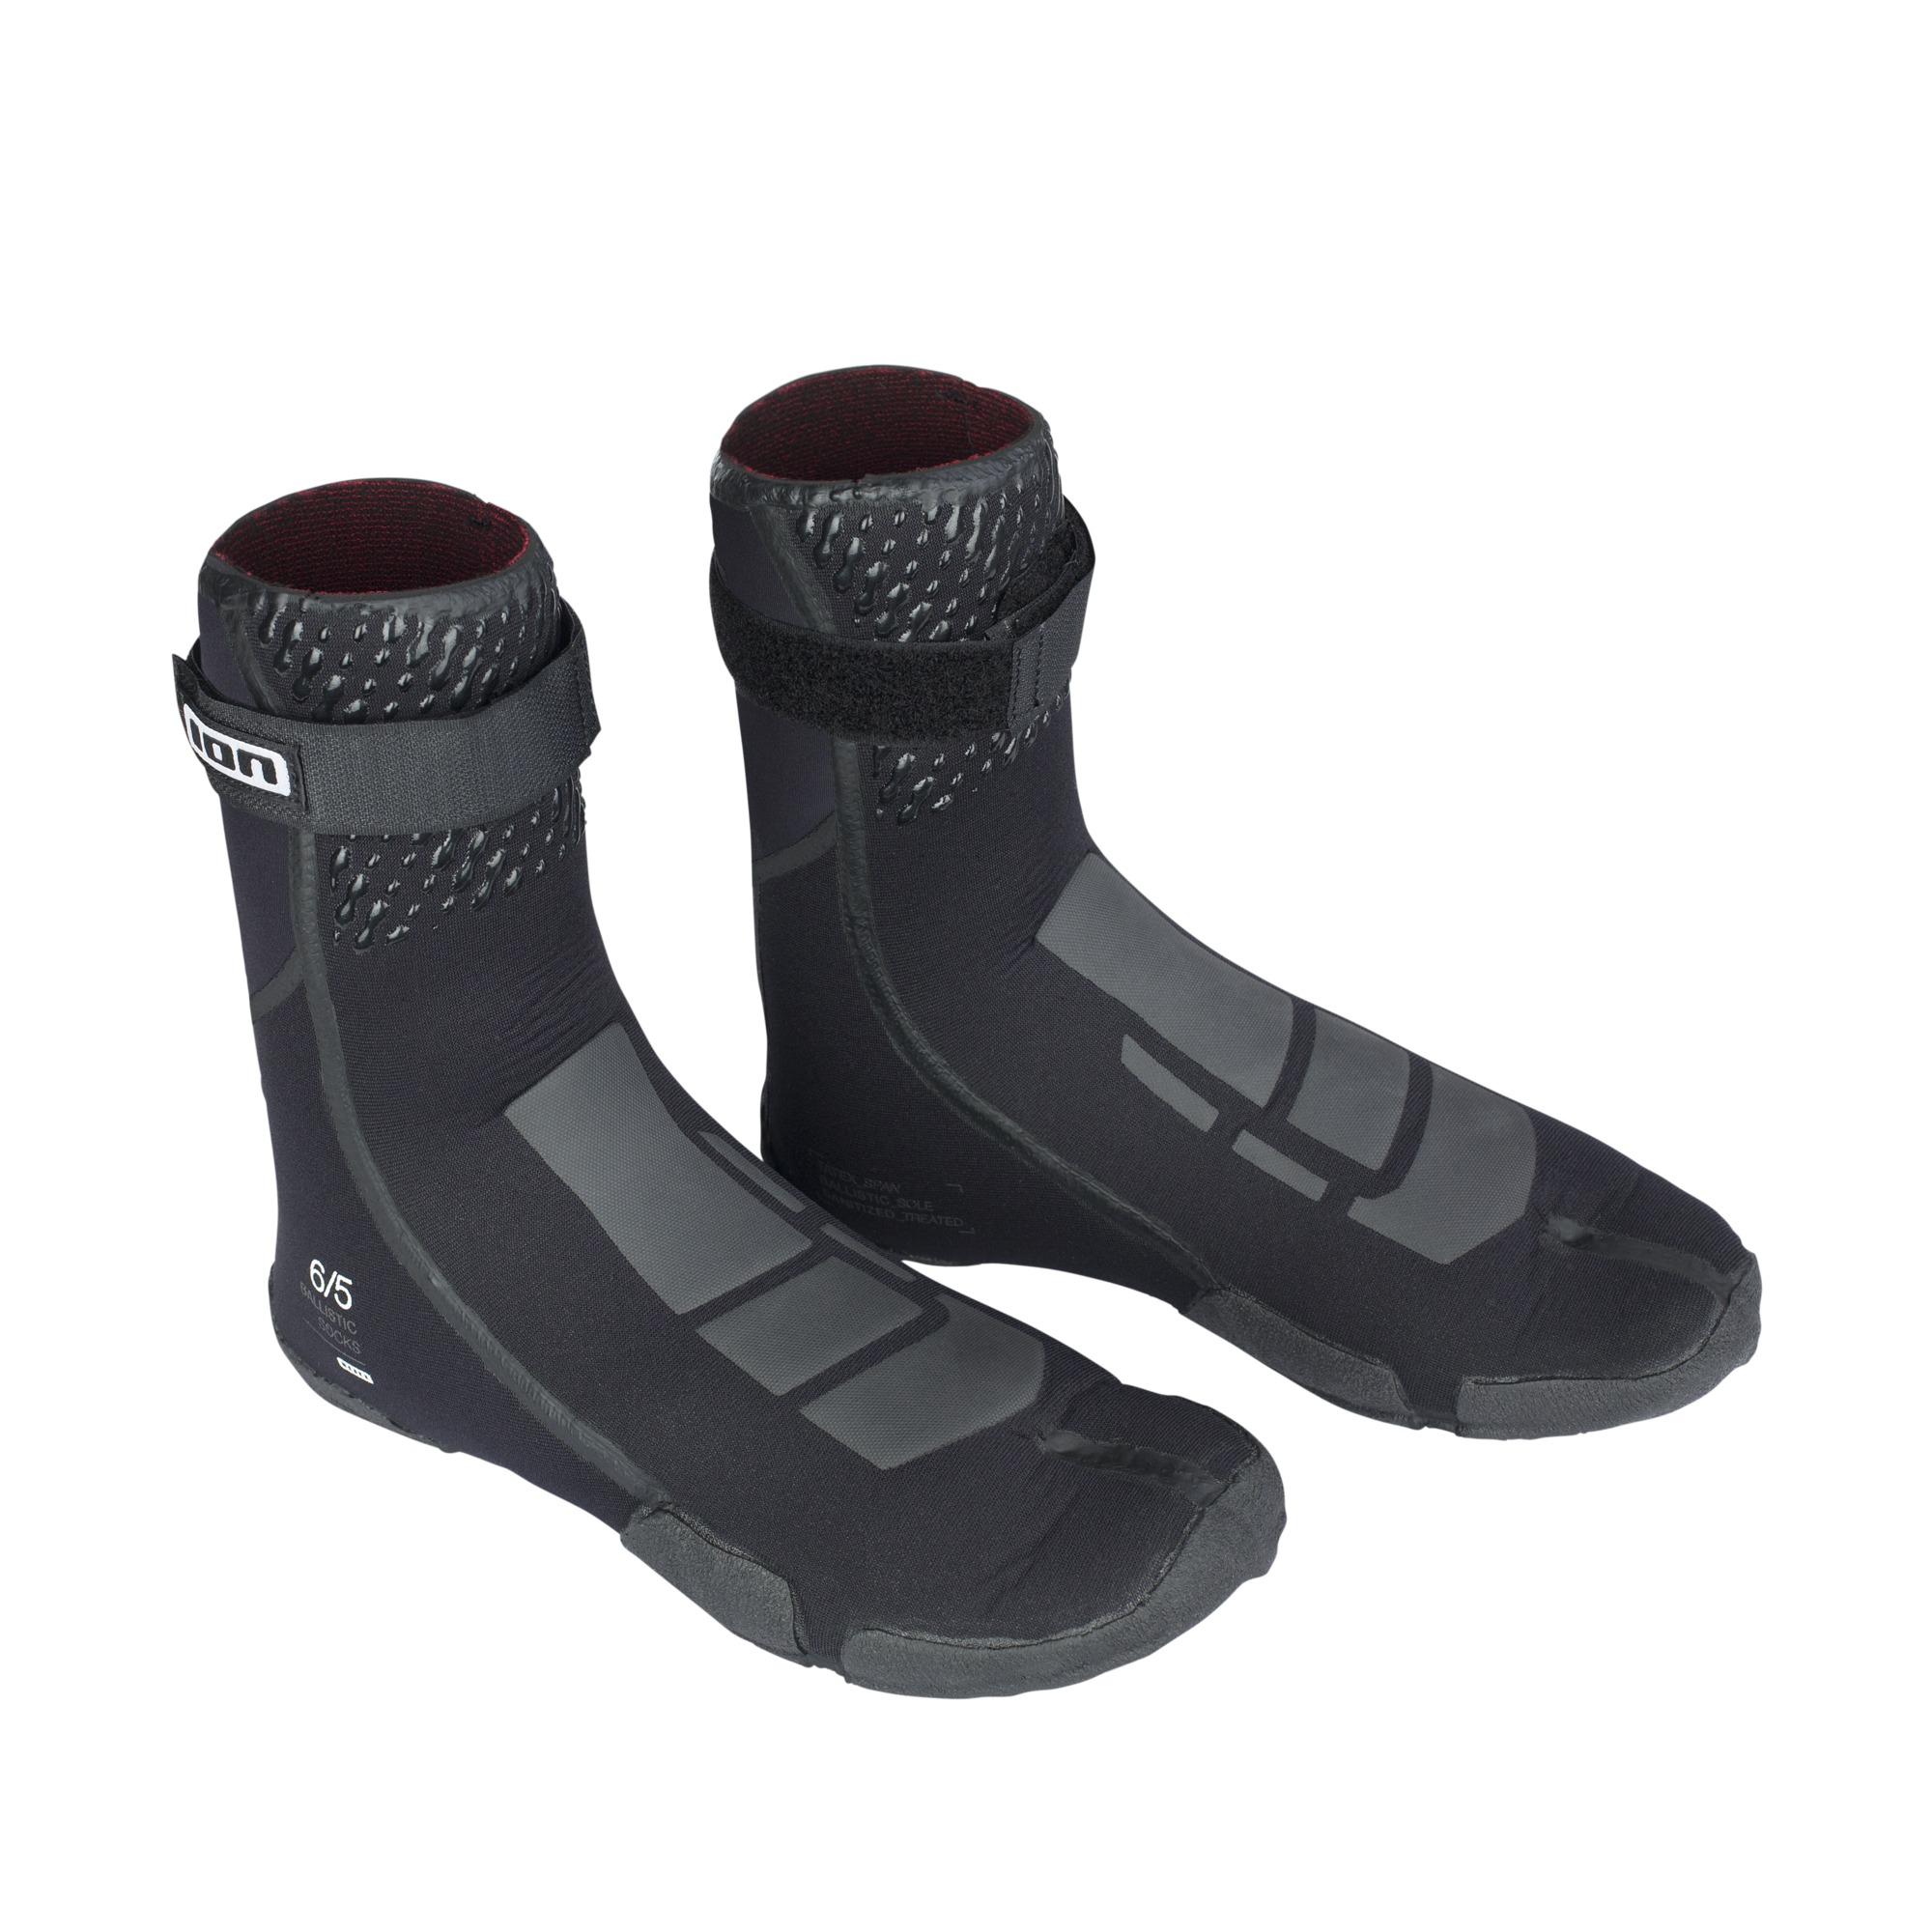 375e23e561 ION Ballistic Socks 6 5 - Puravida Board Riders